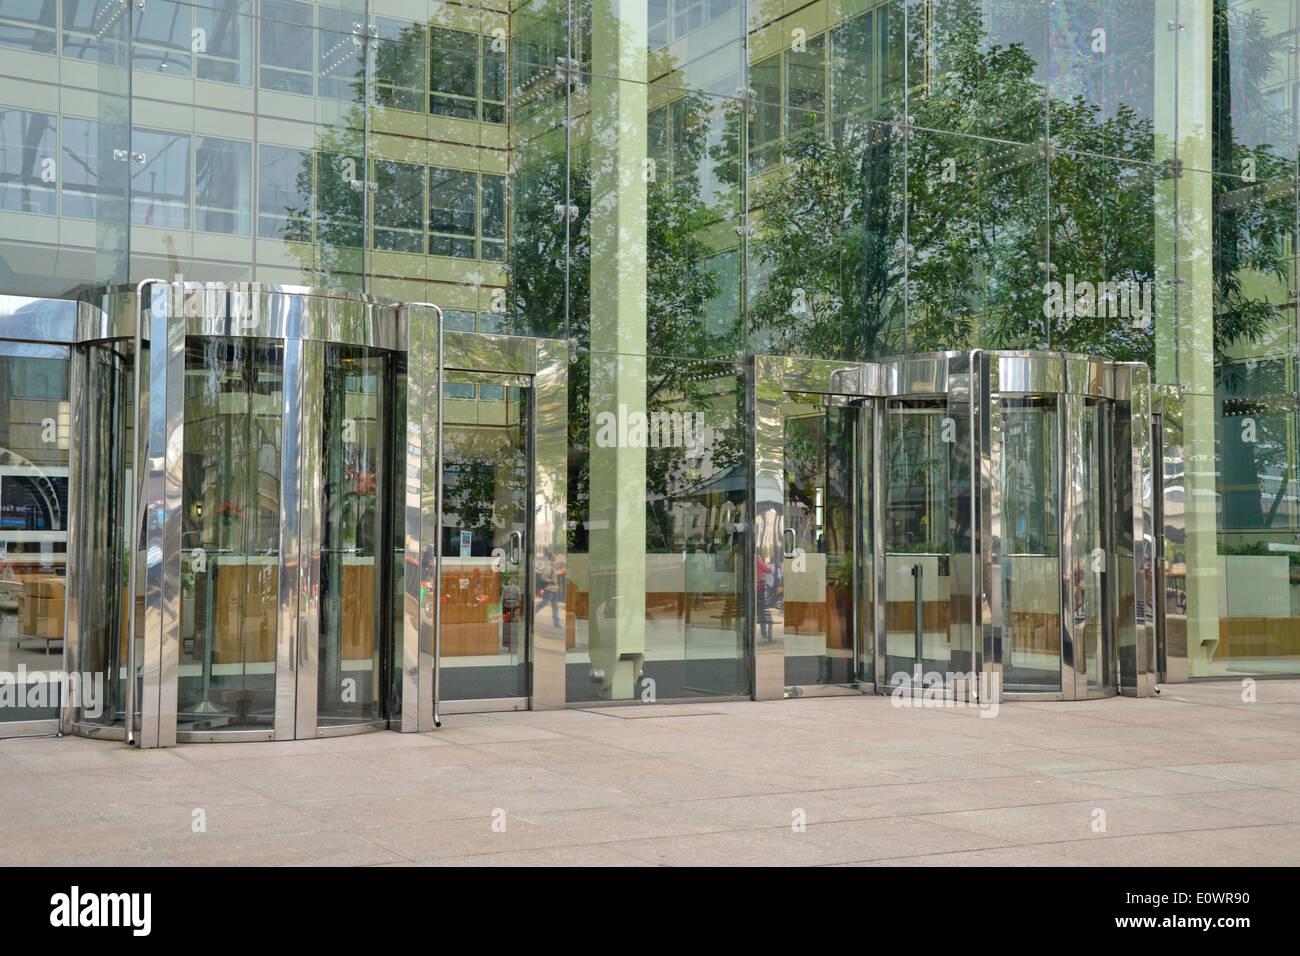 Porta Ingresso Ufficio : Ingresso ufficio moderno blocco tramite porte girevoli di vetro foto